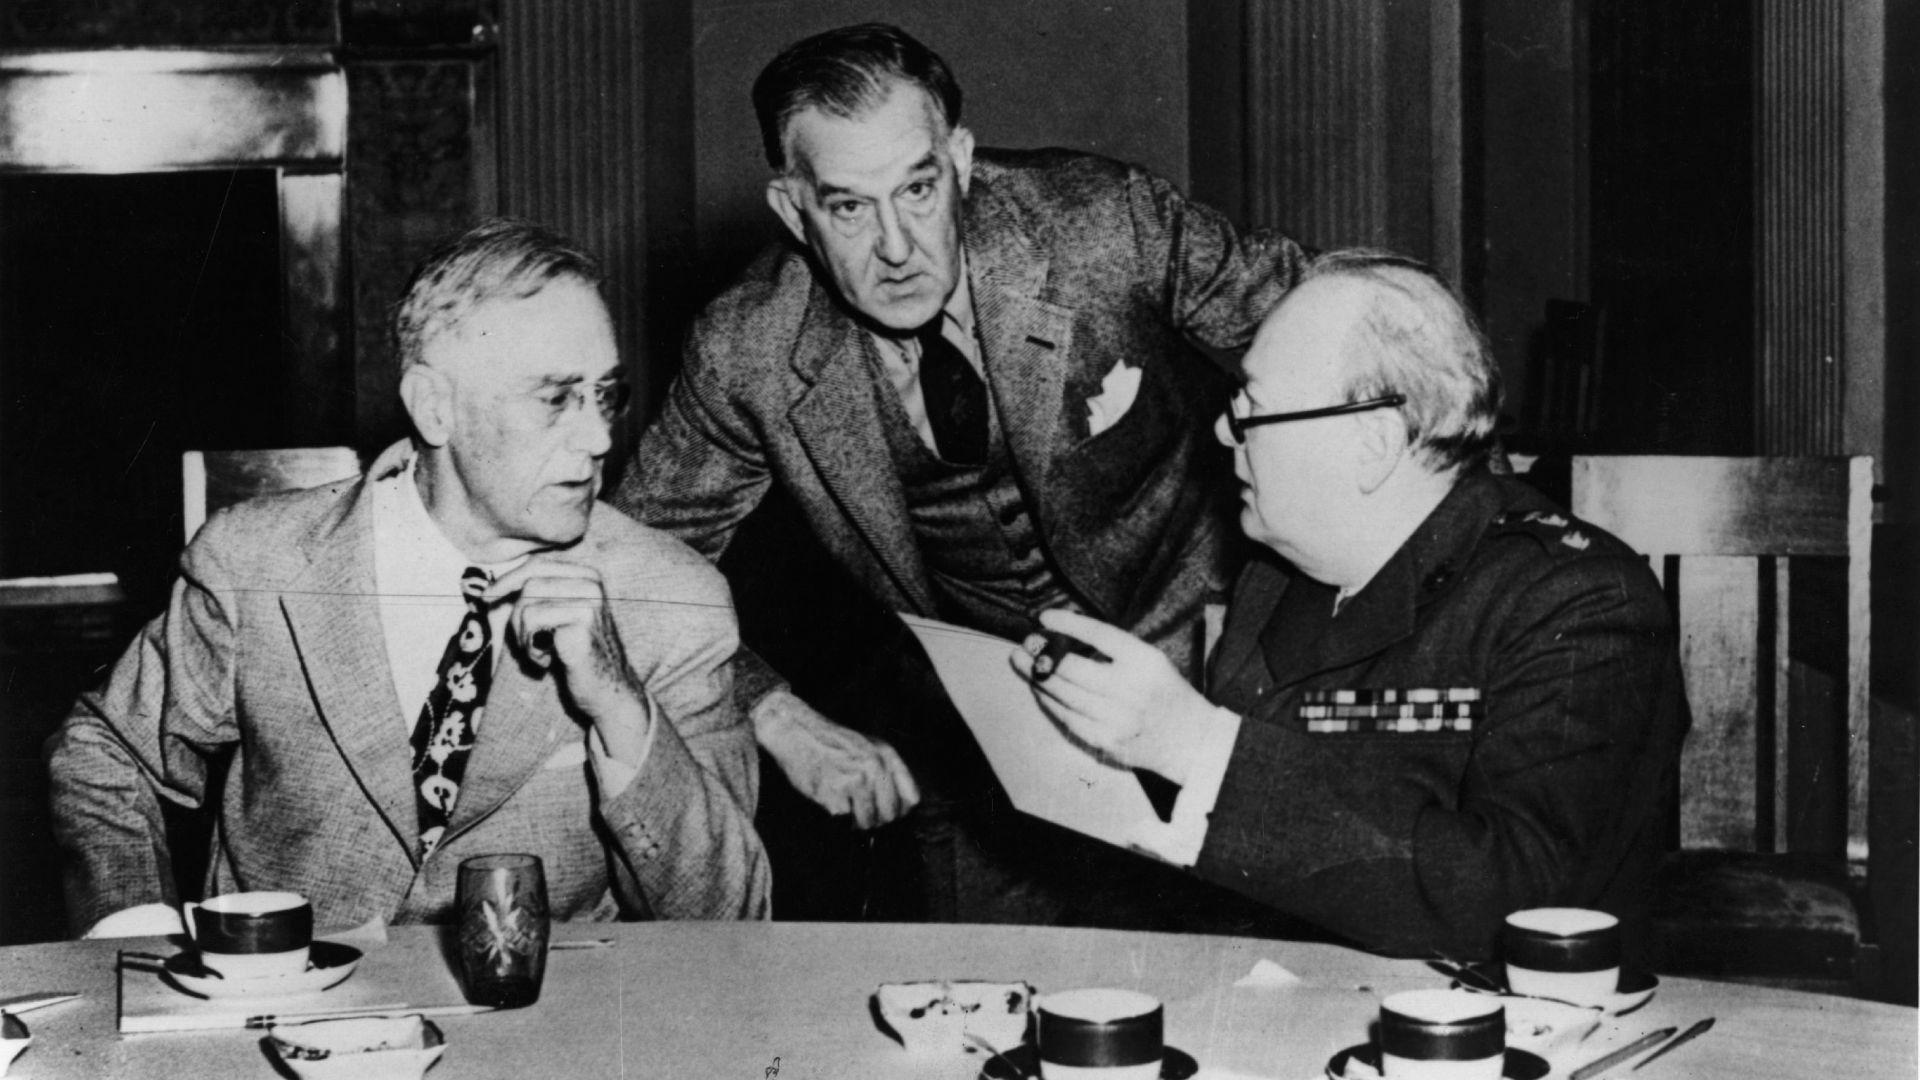 32-ият президент на САЩ Франклин Рузвелт (1882 - 1945, вляво) и британският премиер Уинстън Чърчил (1874 - 1965, вдясно), на конференцията в Ялта през 1945 г. 32-ият президент на САЩ Франклин Рузвелт (1882 - 1945, вляво) и британският премиер Уинстън Чърчил (1874 - 1965, вдясно), на конференцията в Ялта през 1945 г.